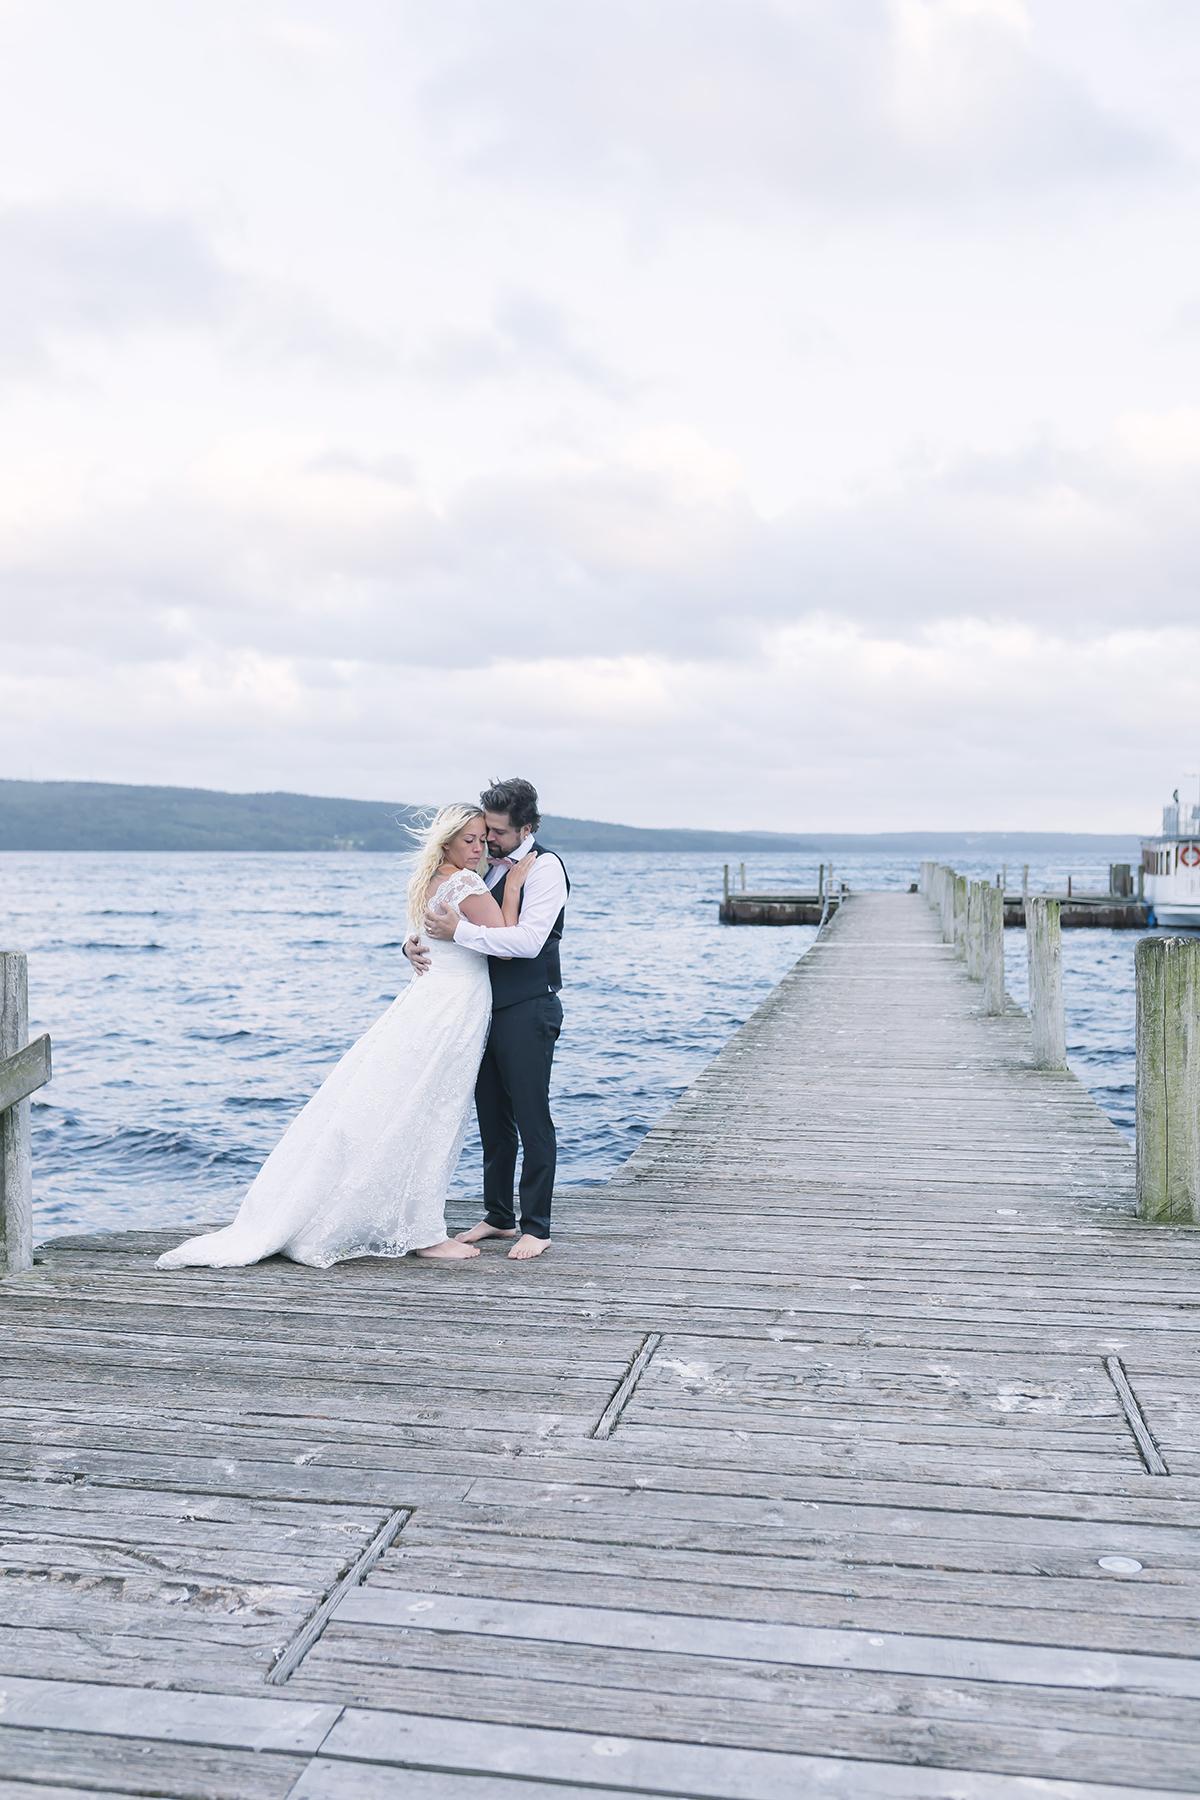 Bröllopsfotograf_göteborg_öcerkö_hönö_västsverige_västkusten_premina_photography_fotograf_emma_ludvigsson9A4480